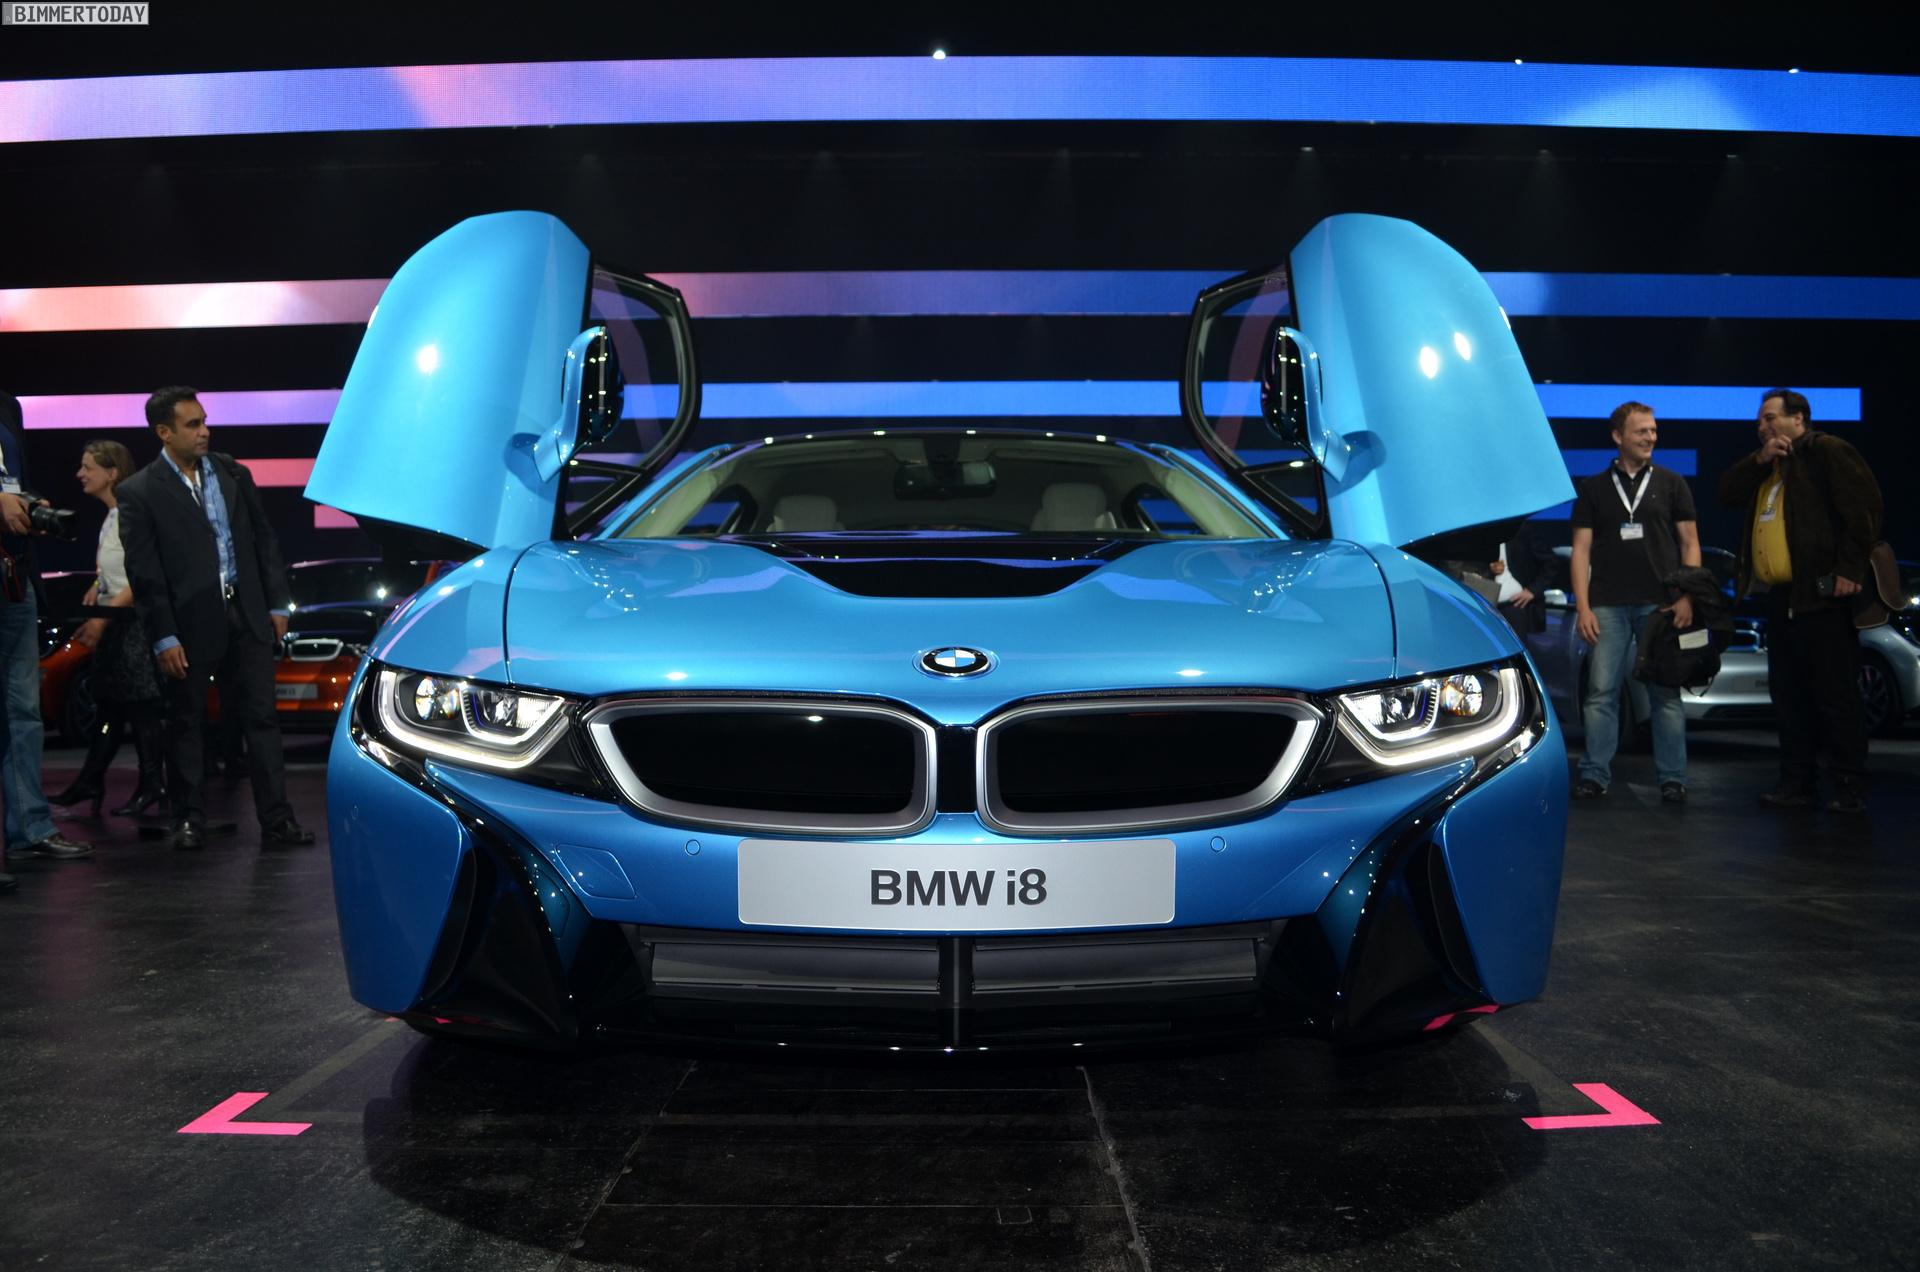 2013 - [BMW] i8 [i12] - Page 13 BMW-i8-Hybrid-eDrive-Weltpremiere-Protonic-Blue-IAA-2013-LIVE-09